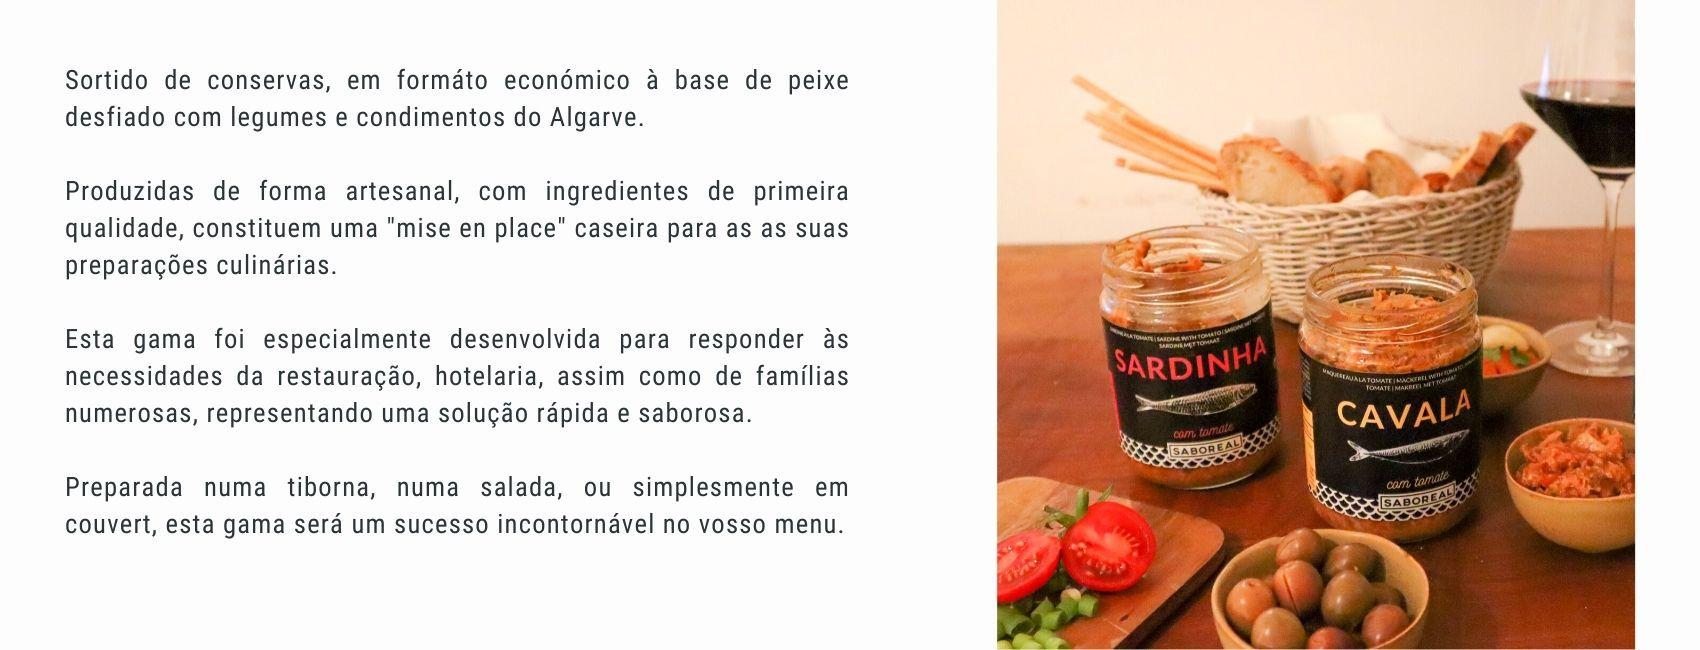 """Sortido de conservas, em formáto económico à base de peixe desfiado com legumes e condimentos do Algarve.  Produzidas de forma artesanal, com ingredientes de primeira qualidade, constituem uma """"mise en place"""" caseira para as as suas preparações culinárias.  Esta gama foi especialmente desenvolvida para responder às necessidades da restauração, hotelaria, assim como de famílias numerosas, representando uma solução rápida e saborosa. Conserveira Saboreal."""